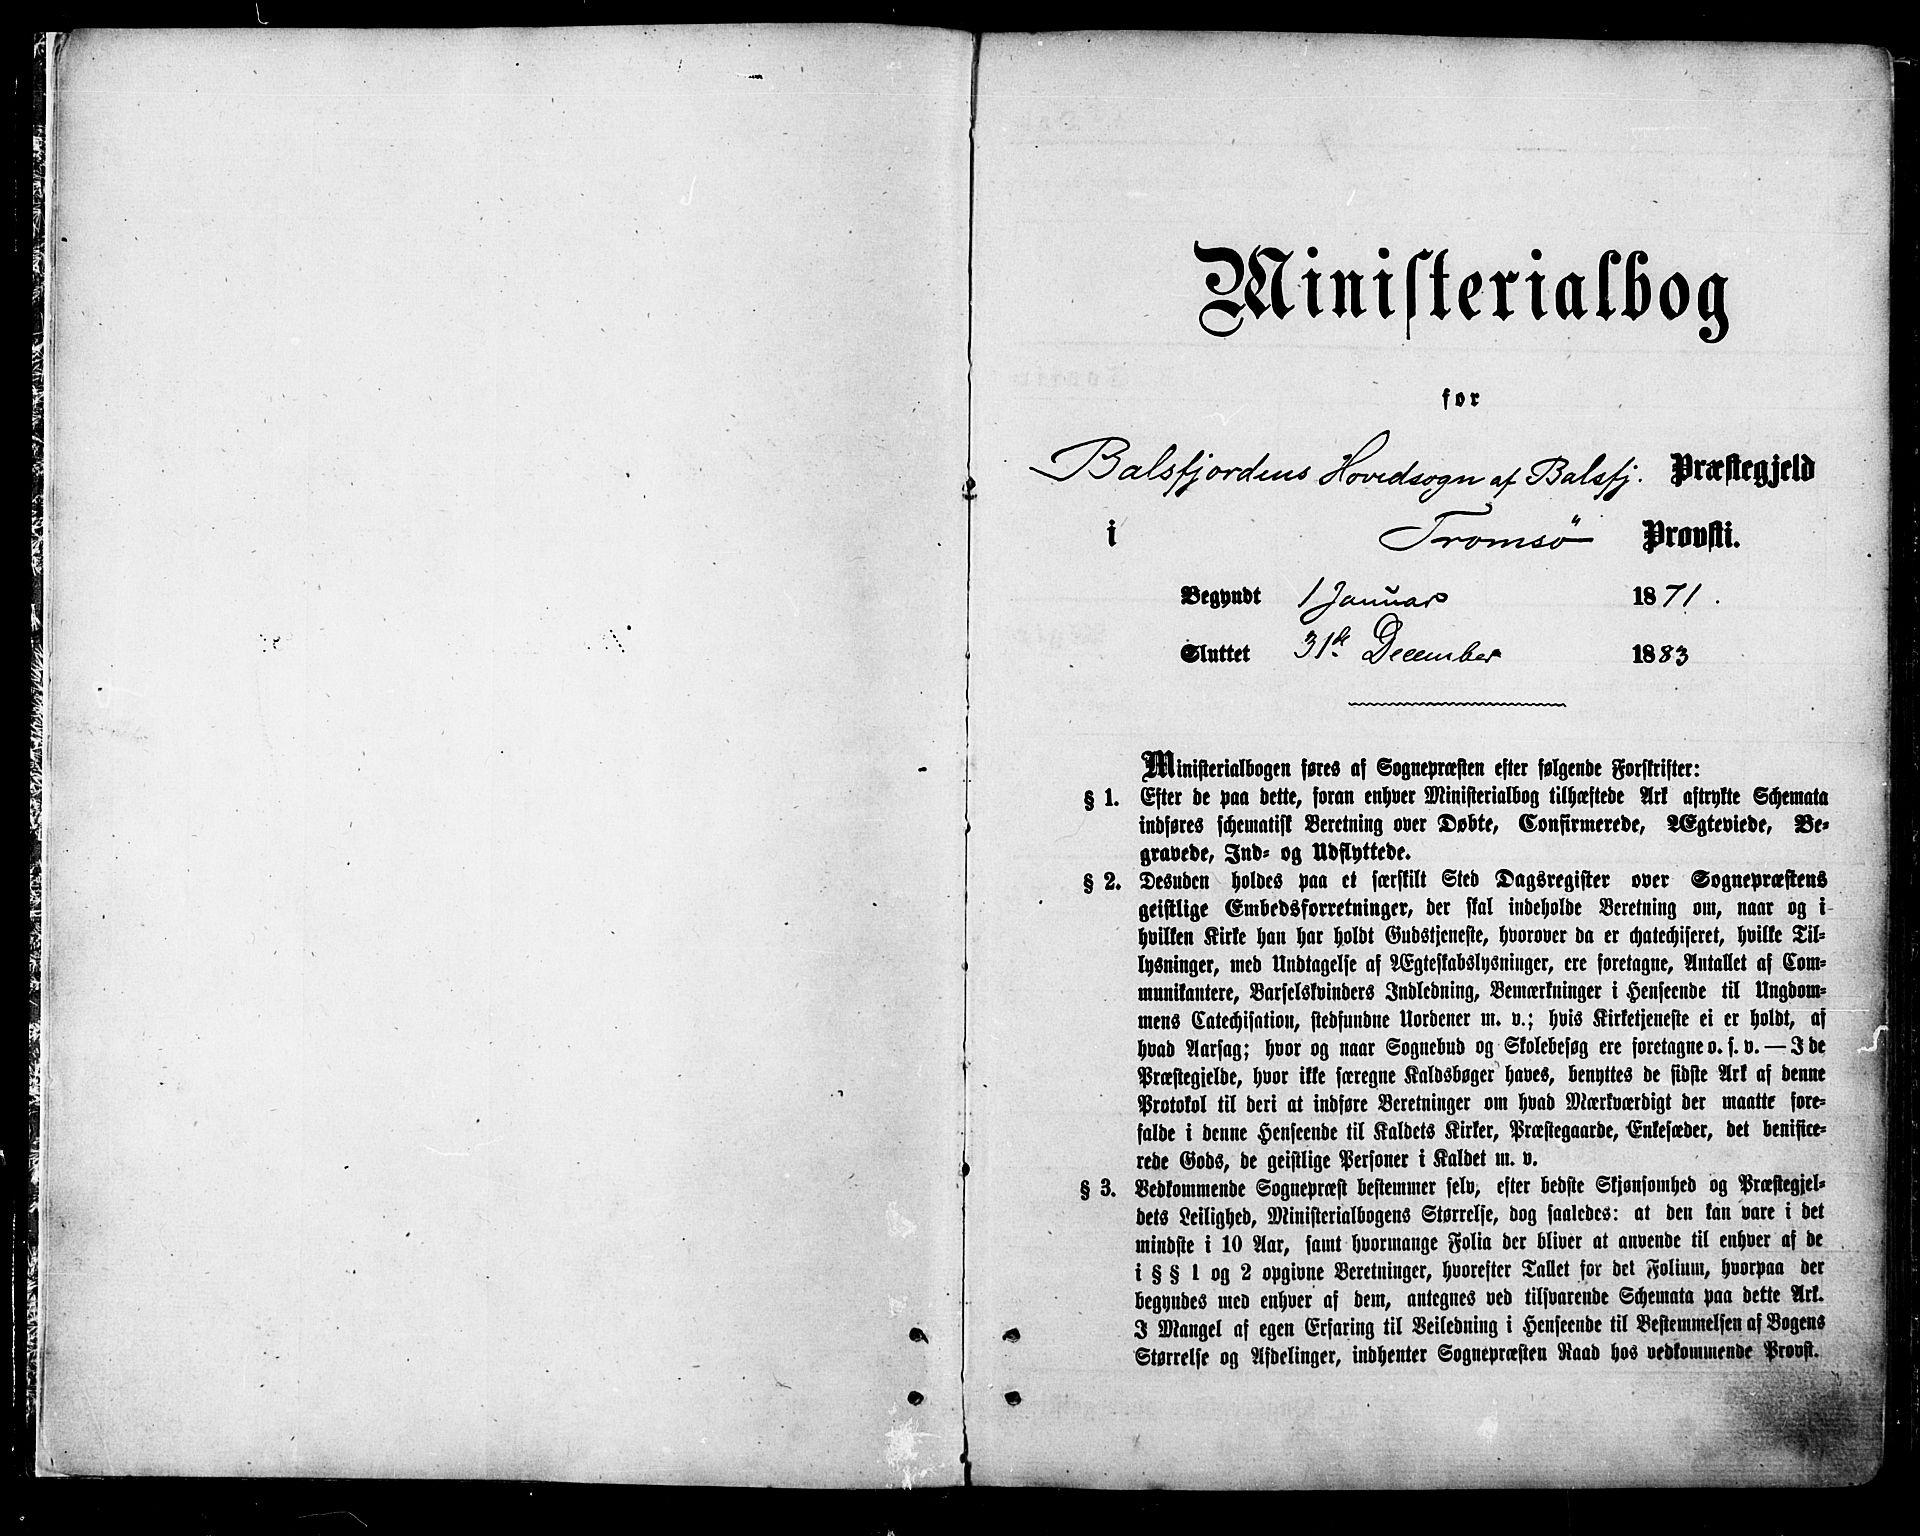 SATØ, Balsfjord sokneprestembete, Ministerialbok nr. 4, 1871-1883